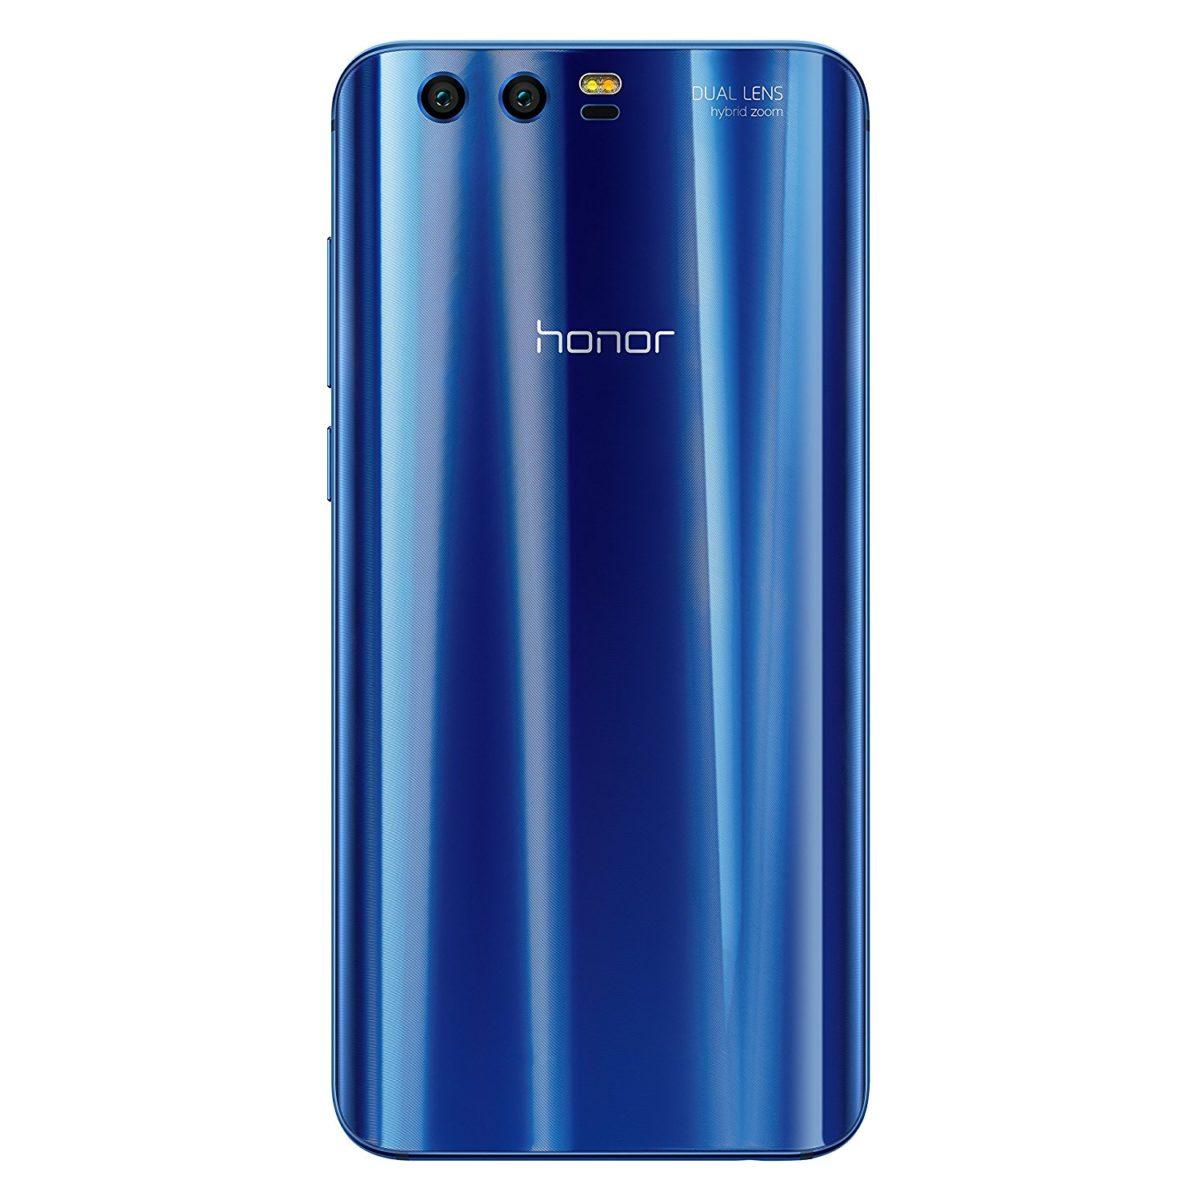 [BEENDET] Gewinne exklusiv auf AndroidKosmos.de das neue Honor 9 Smartphone 21